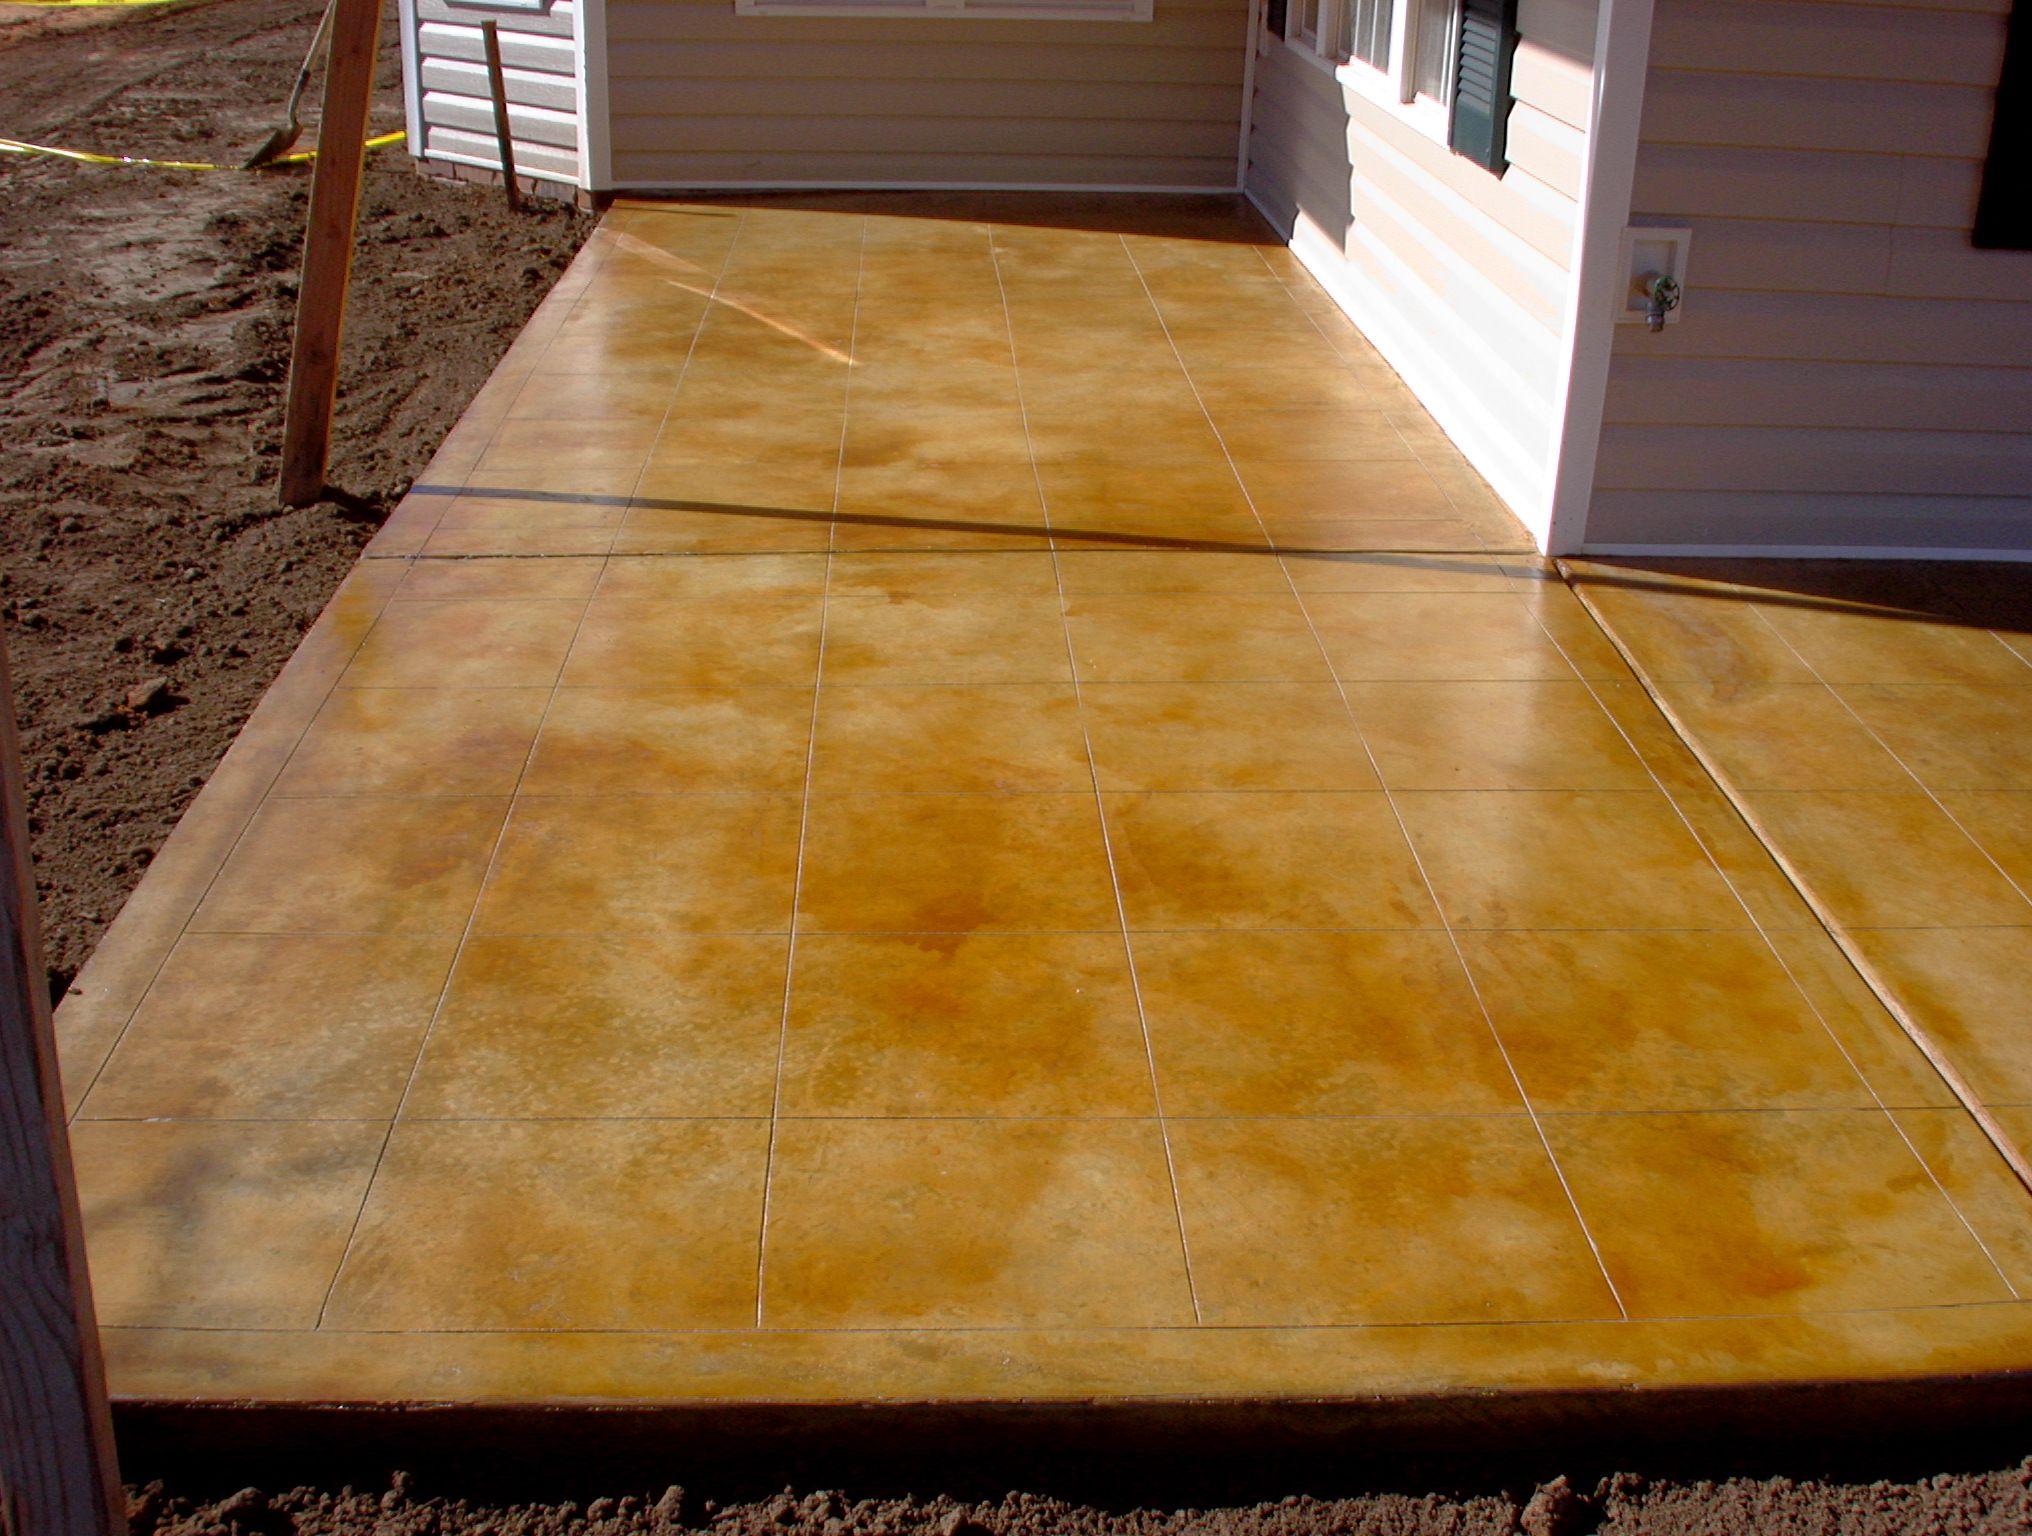 Outdoor Concrete Patio Paint Home Depot Patio Paint Concrete Patio Paint Designs And Sealer Home Depot Floor In 2020 Paint Concrete Patio Painted Patio Concrete Patio